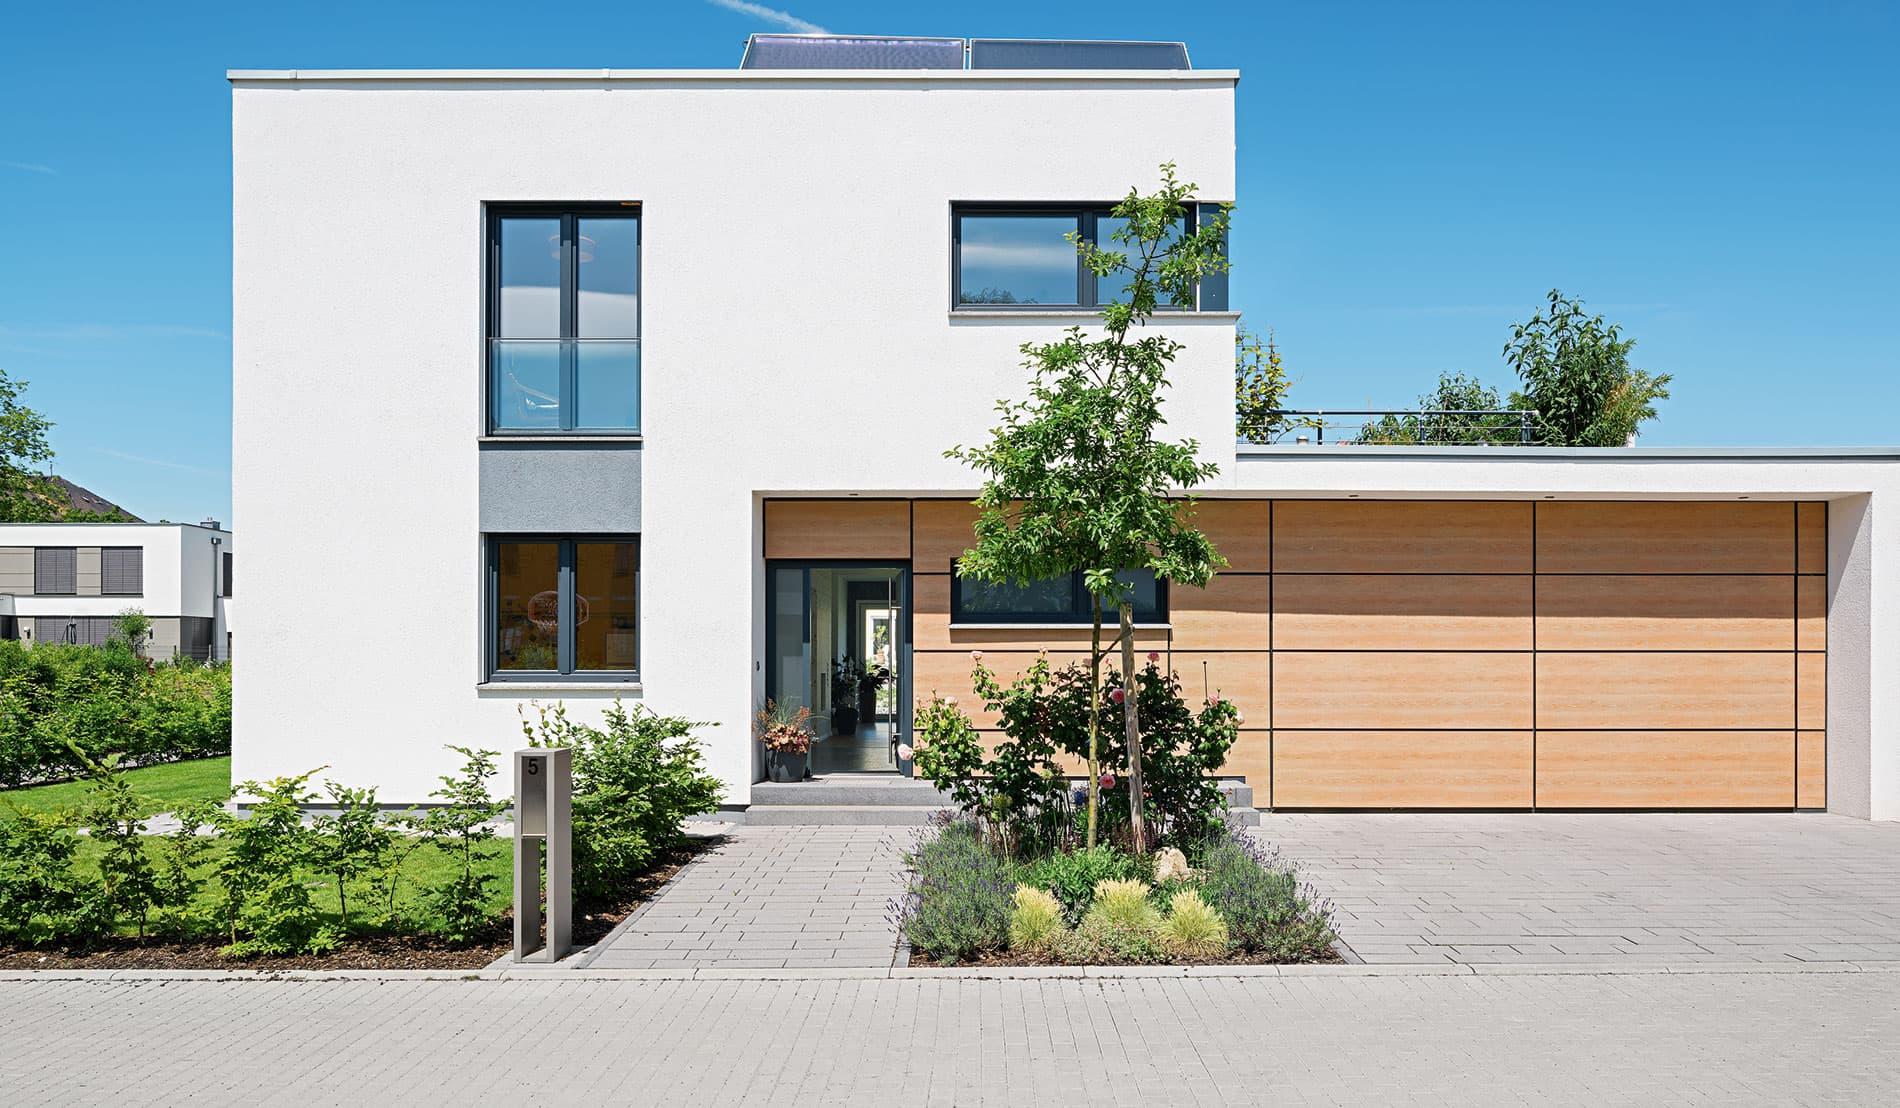 traumhaus im norden von leipzig hausberichte magazin. Black Bedroom Furniture Sets. Home Design Ideas